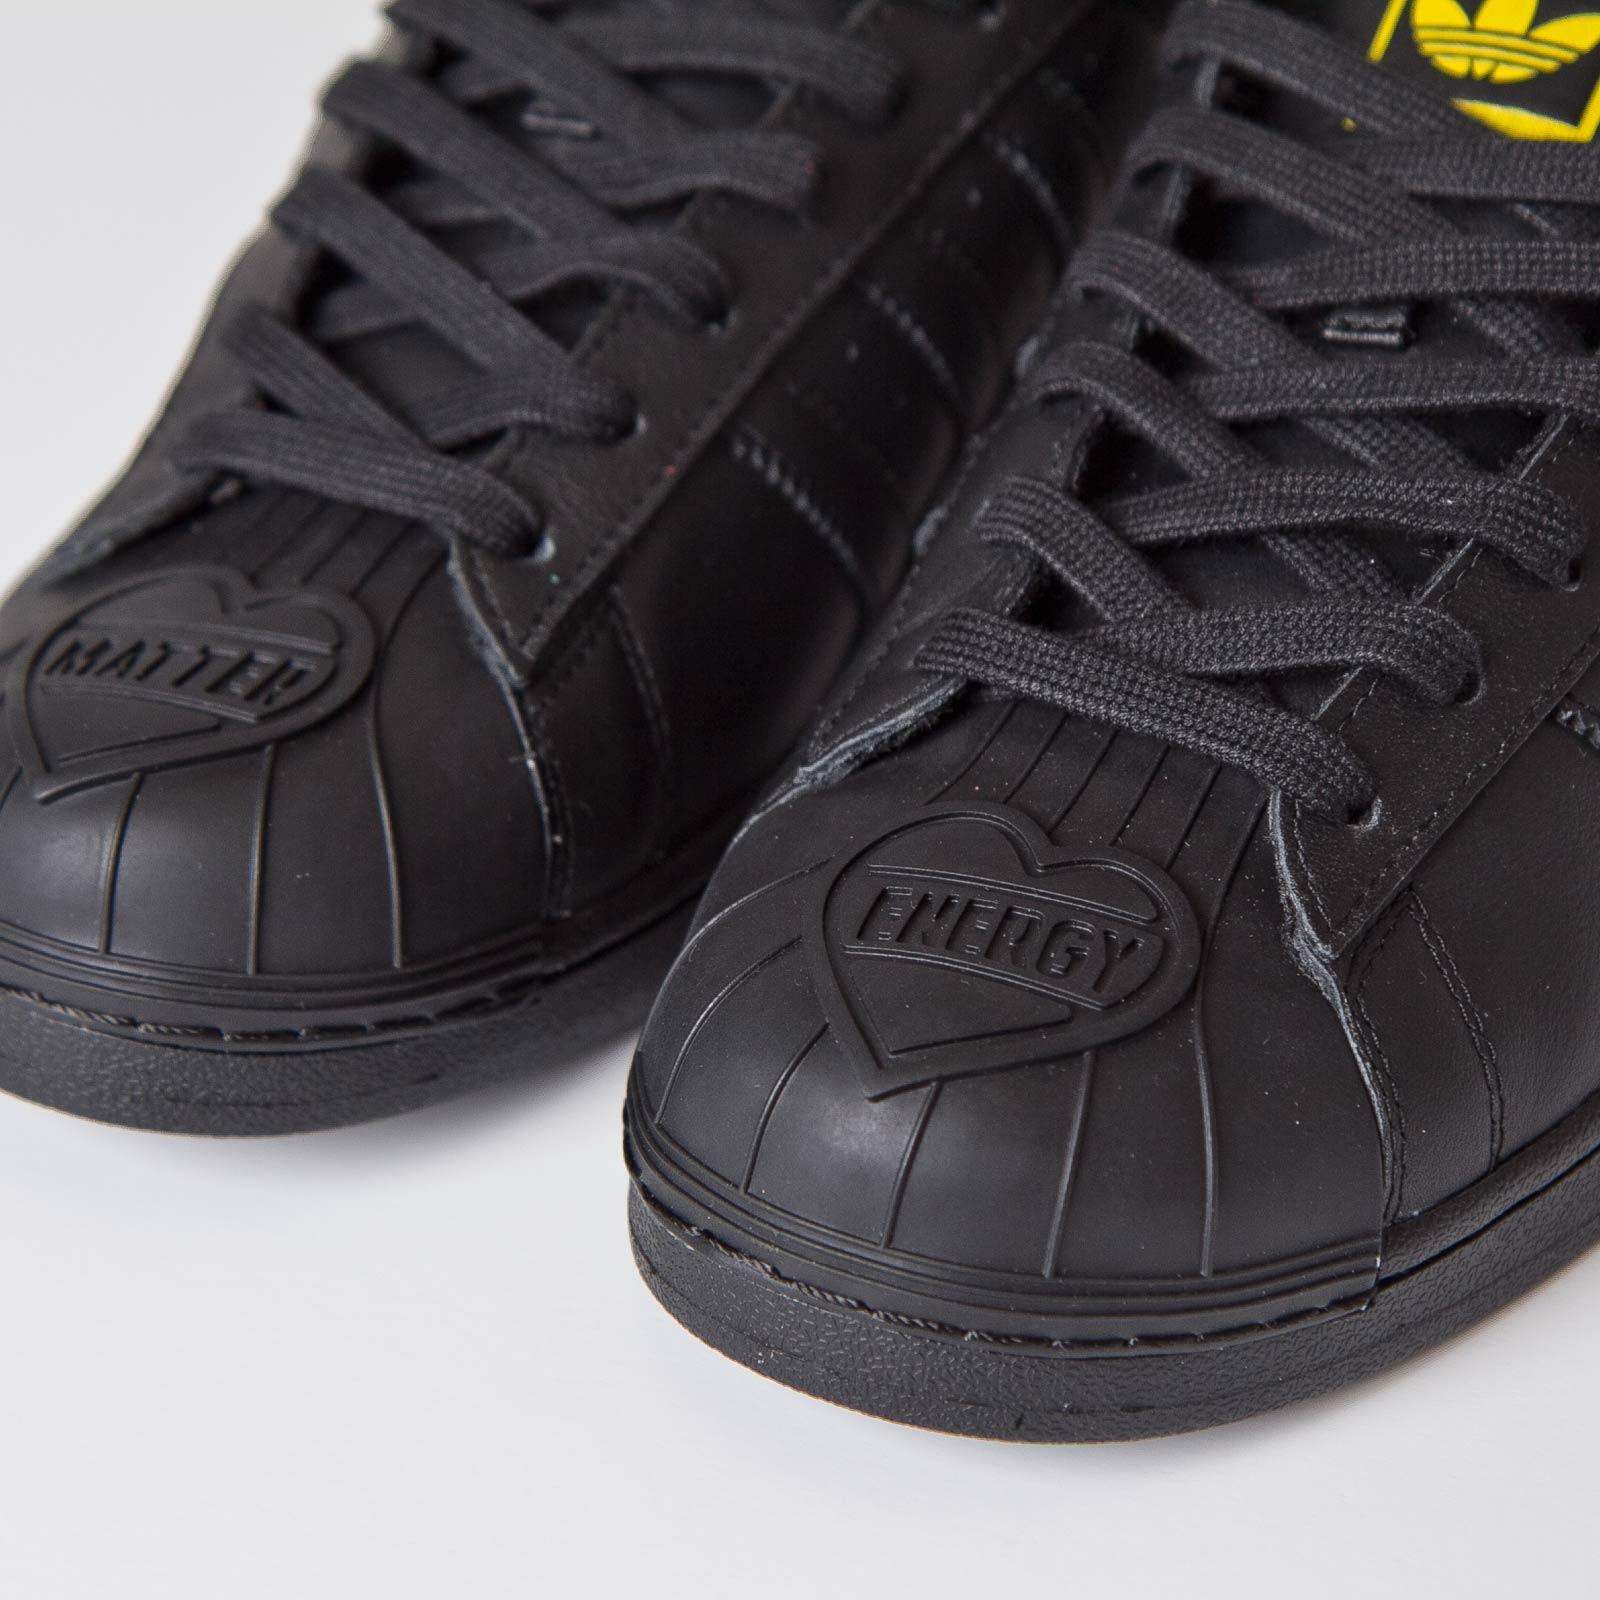 0d7155d2b adidas Superstar Pharrell Supershell - S83345 - Sneakersnstuff ...